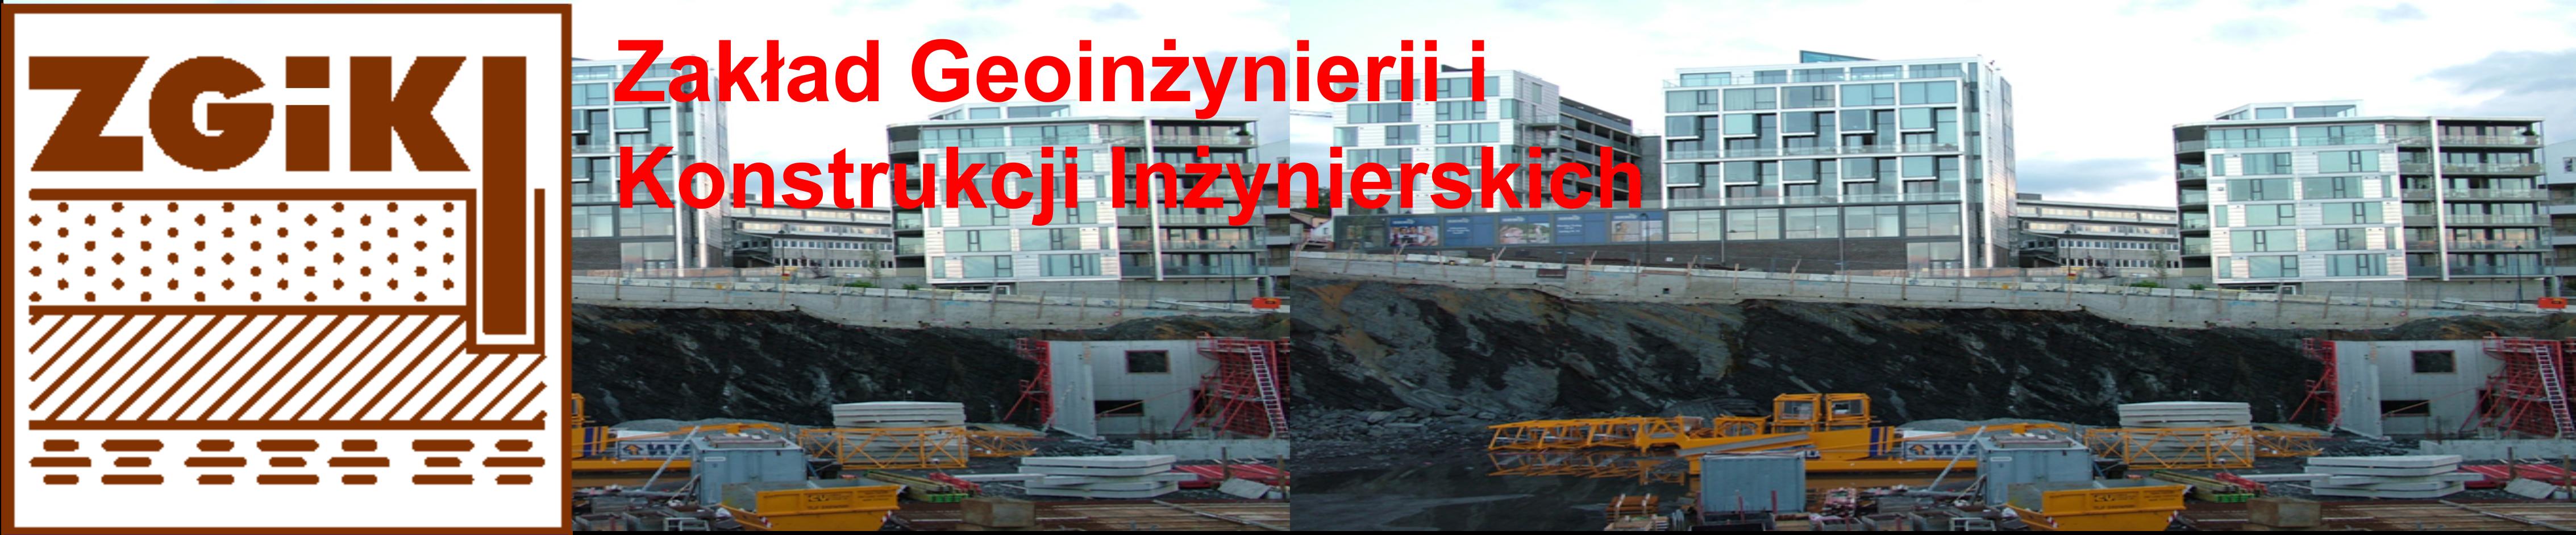 Zakład Geoinżynierii i Konstrukcji Inżynierskich